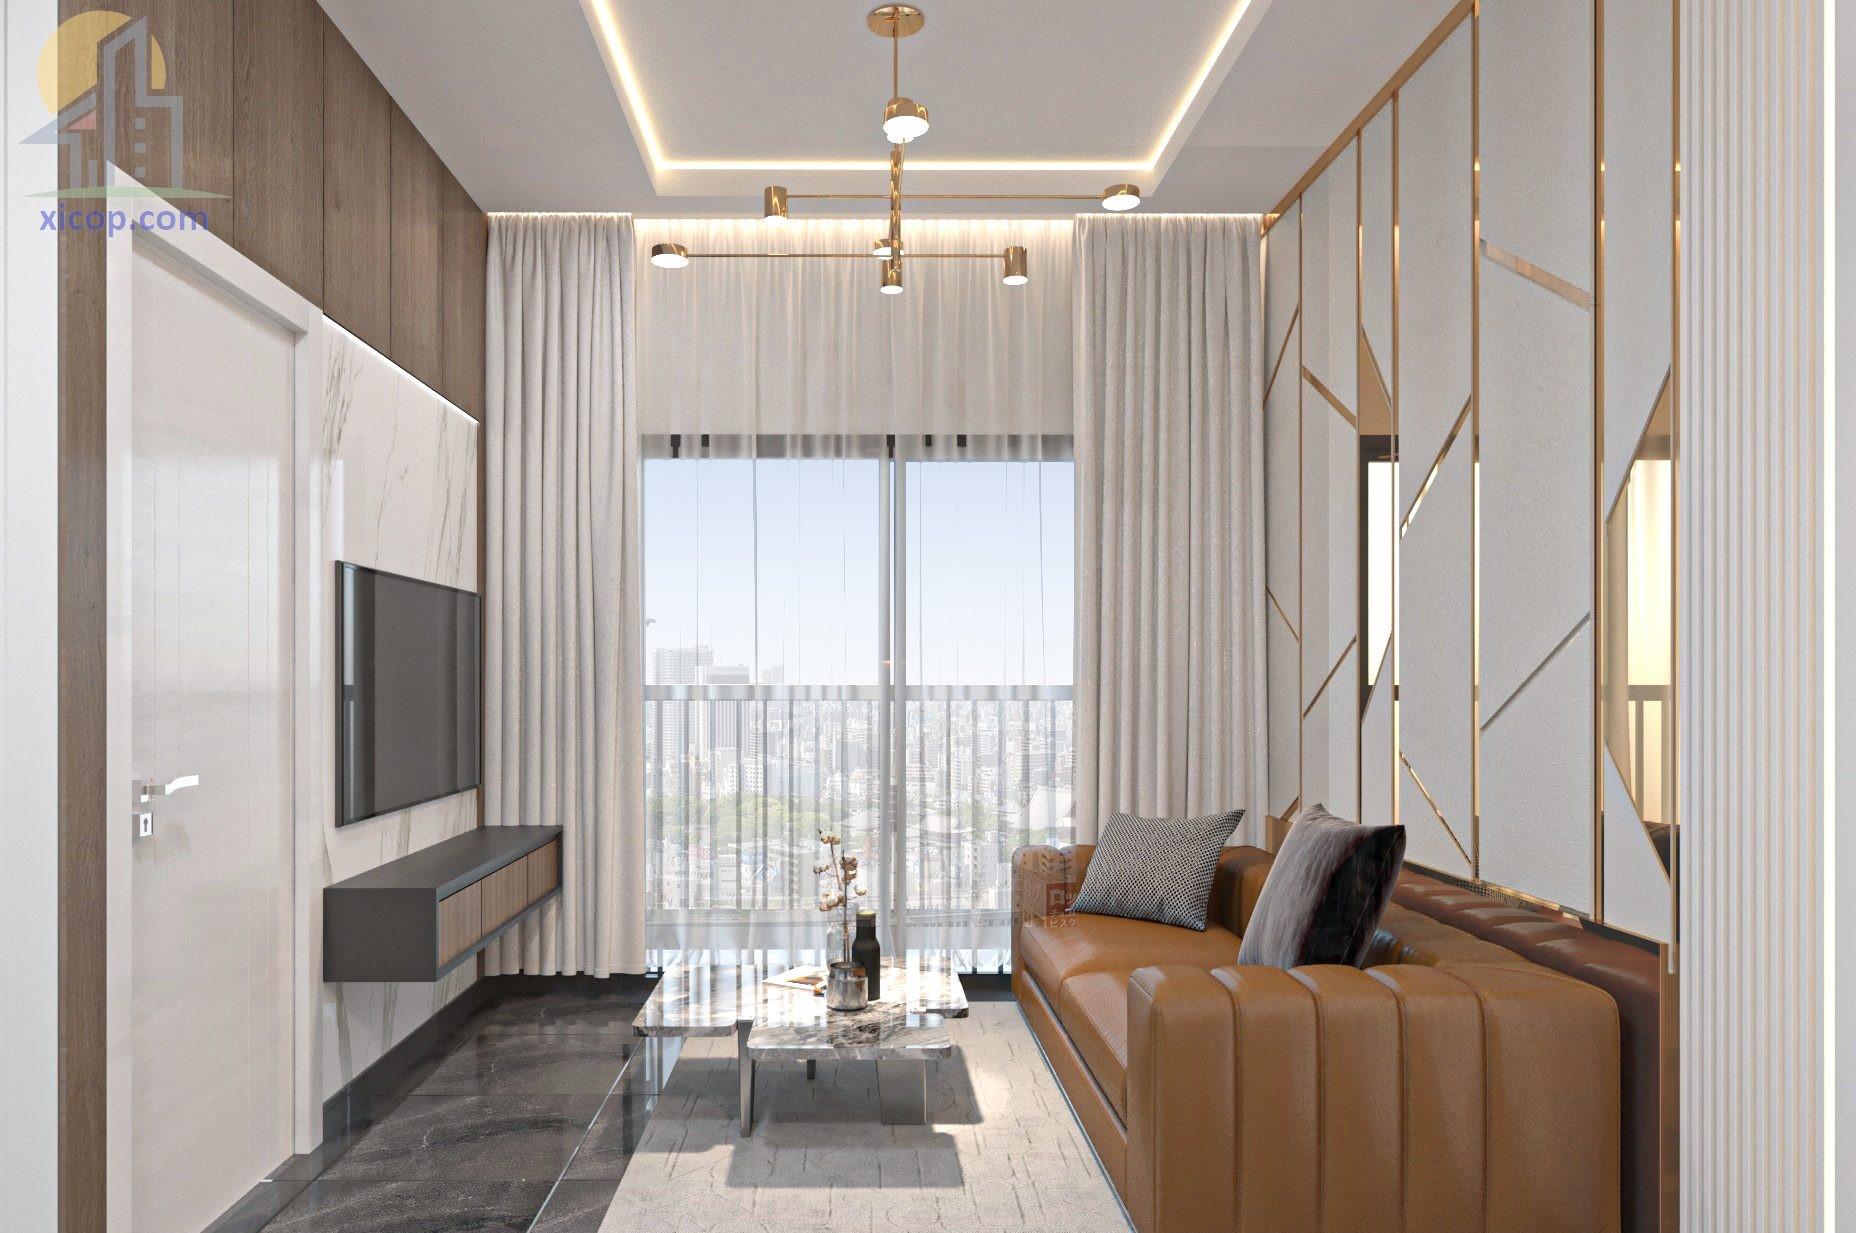 Nội thất phòng khách hiện đại mẫu đẹp sang trọng cho chung cư 2